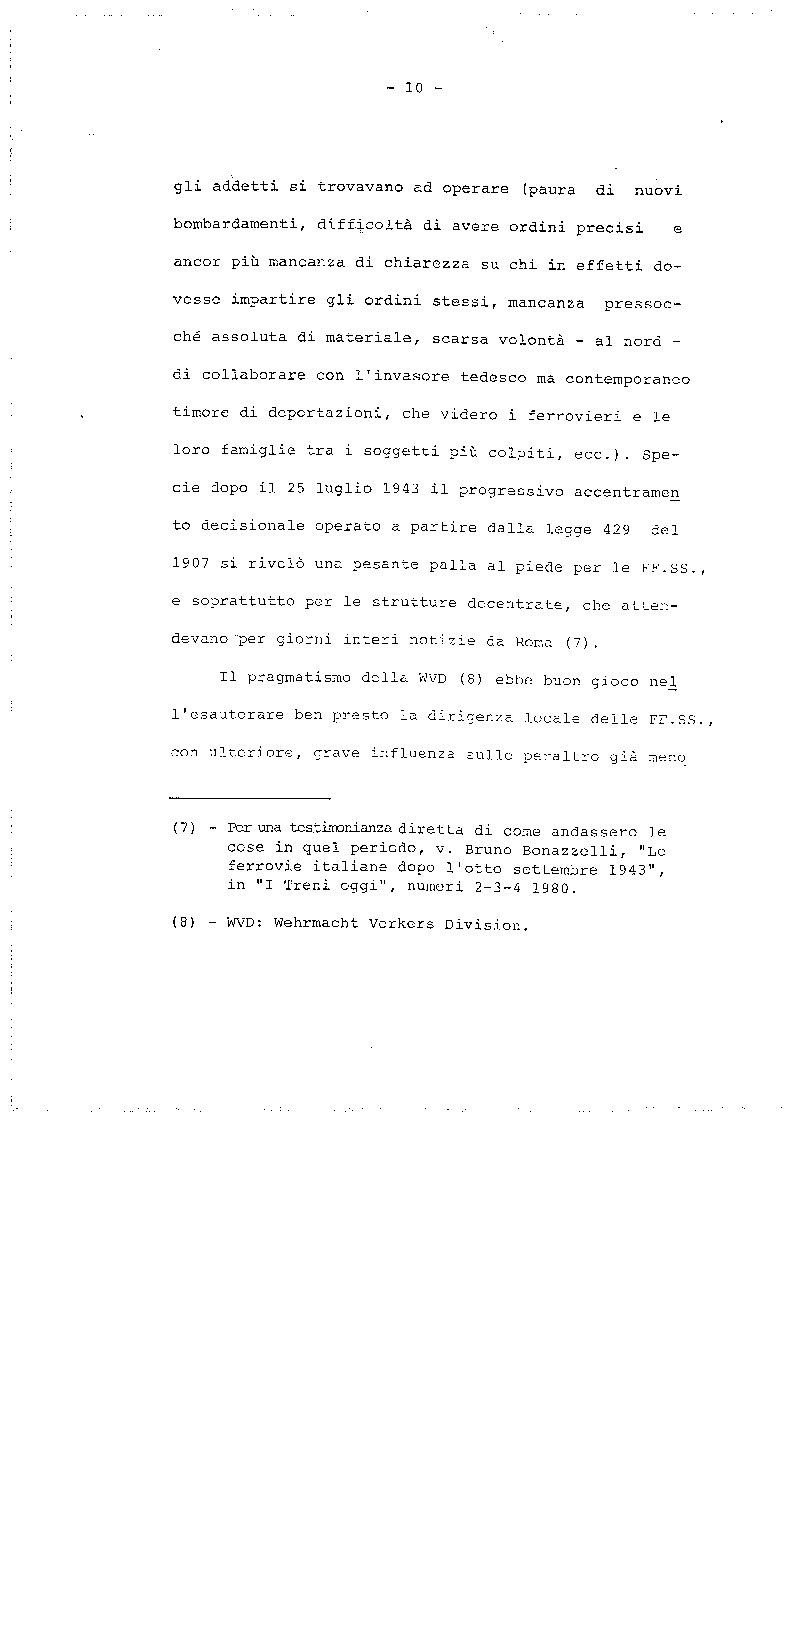 Anteprima della tesi: La trasformazione delle Ferrovie dello Stato - Legge 210/85, Pagina 10